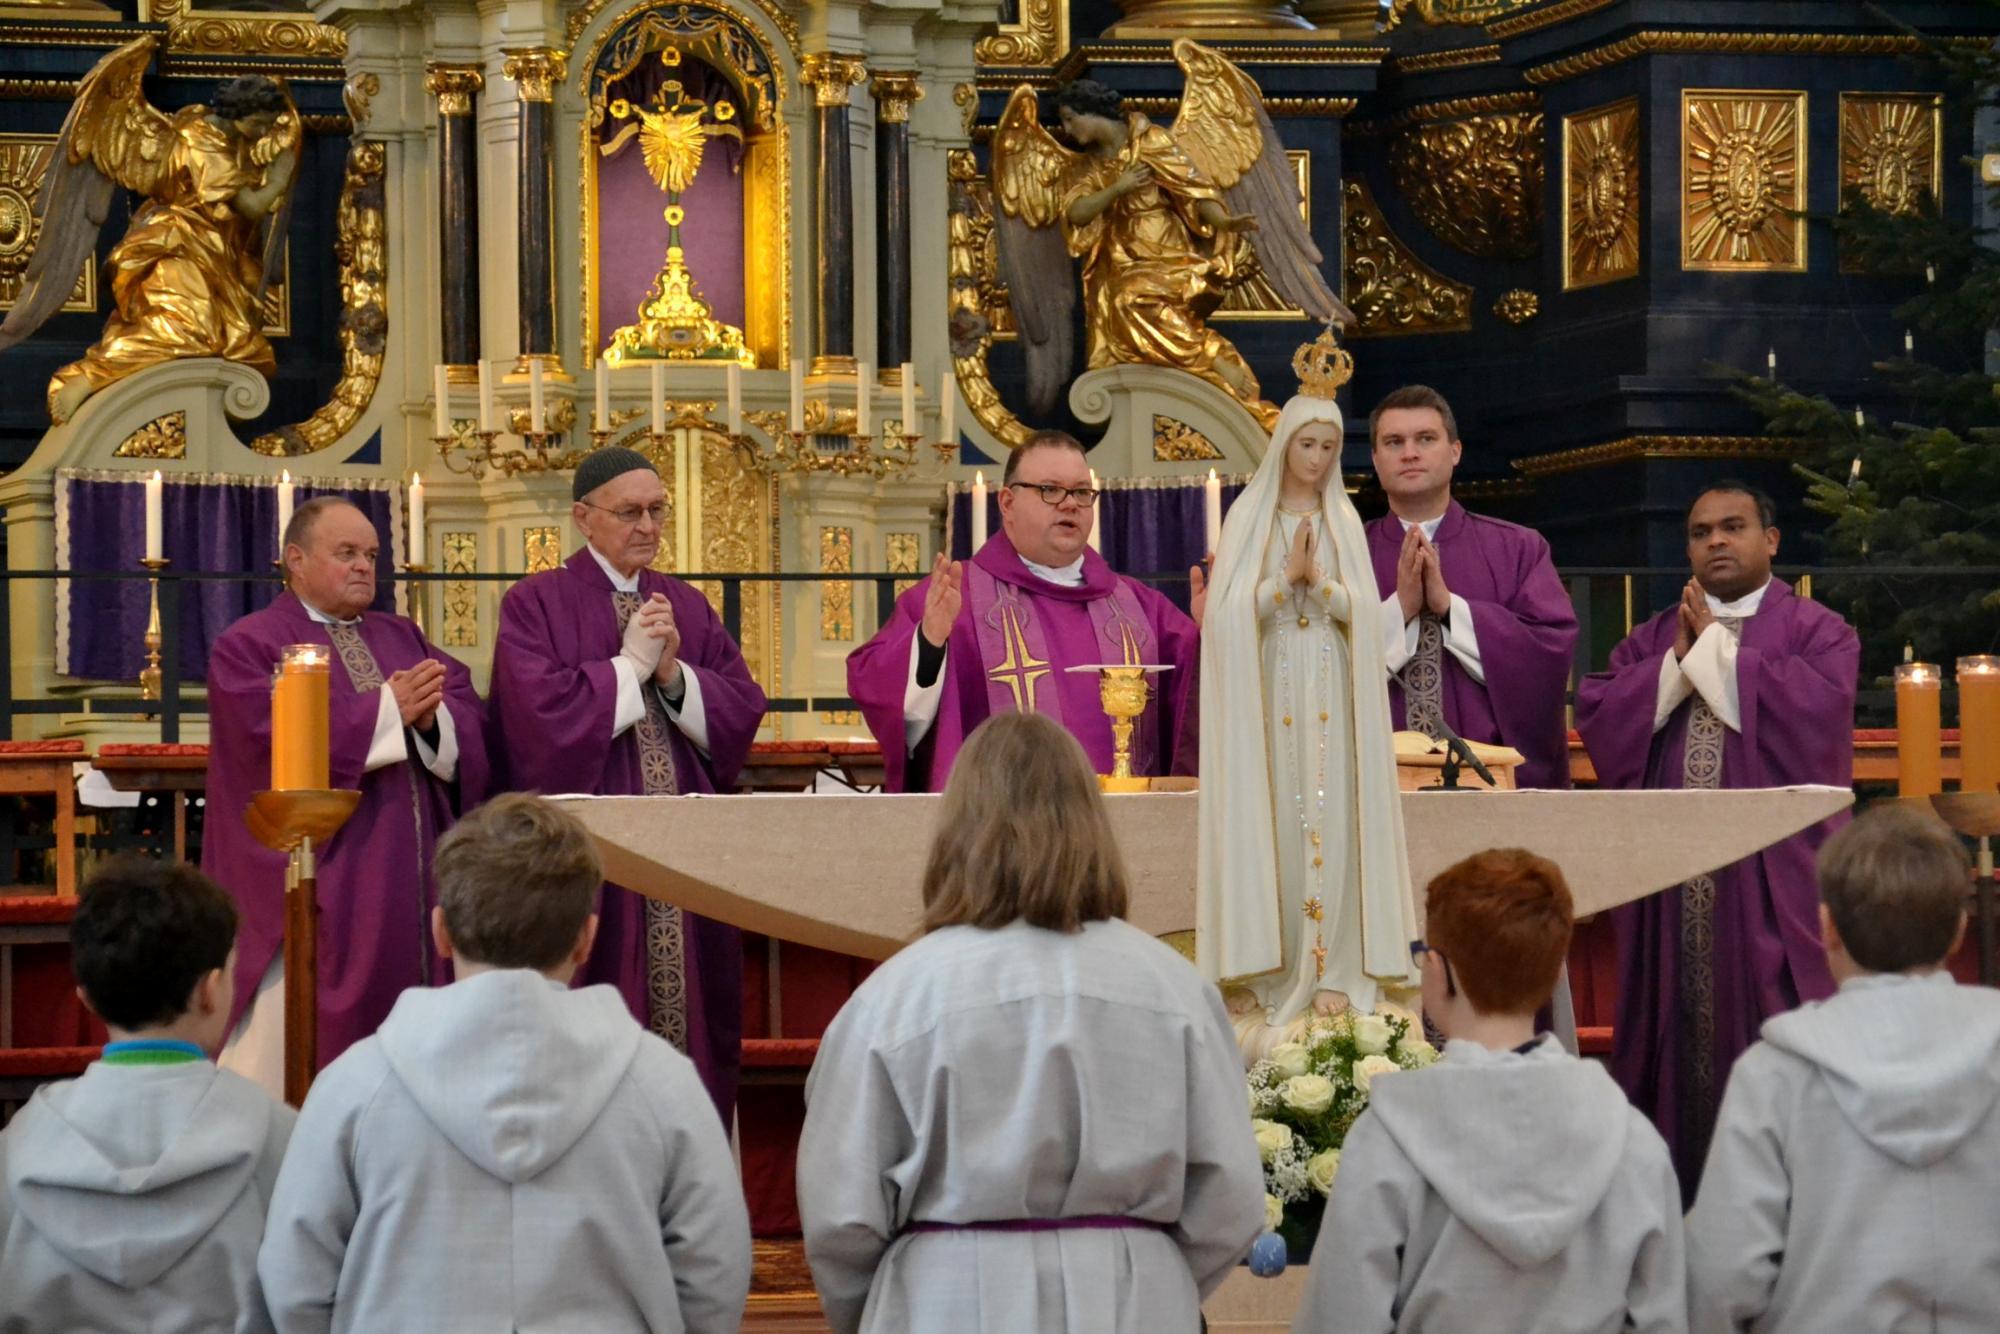 Fatima Apostolat feiert Festmesse Gnadenstunde mit Marienweihe 8 12 2019 1